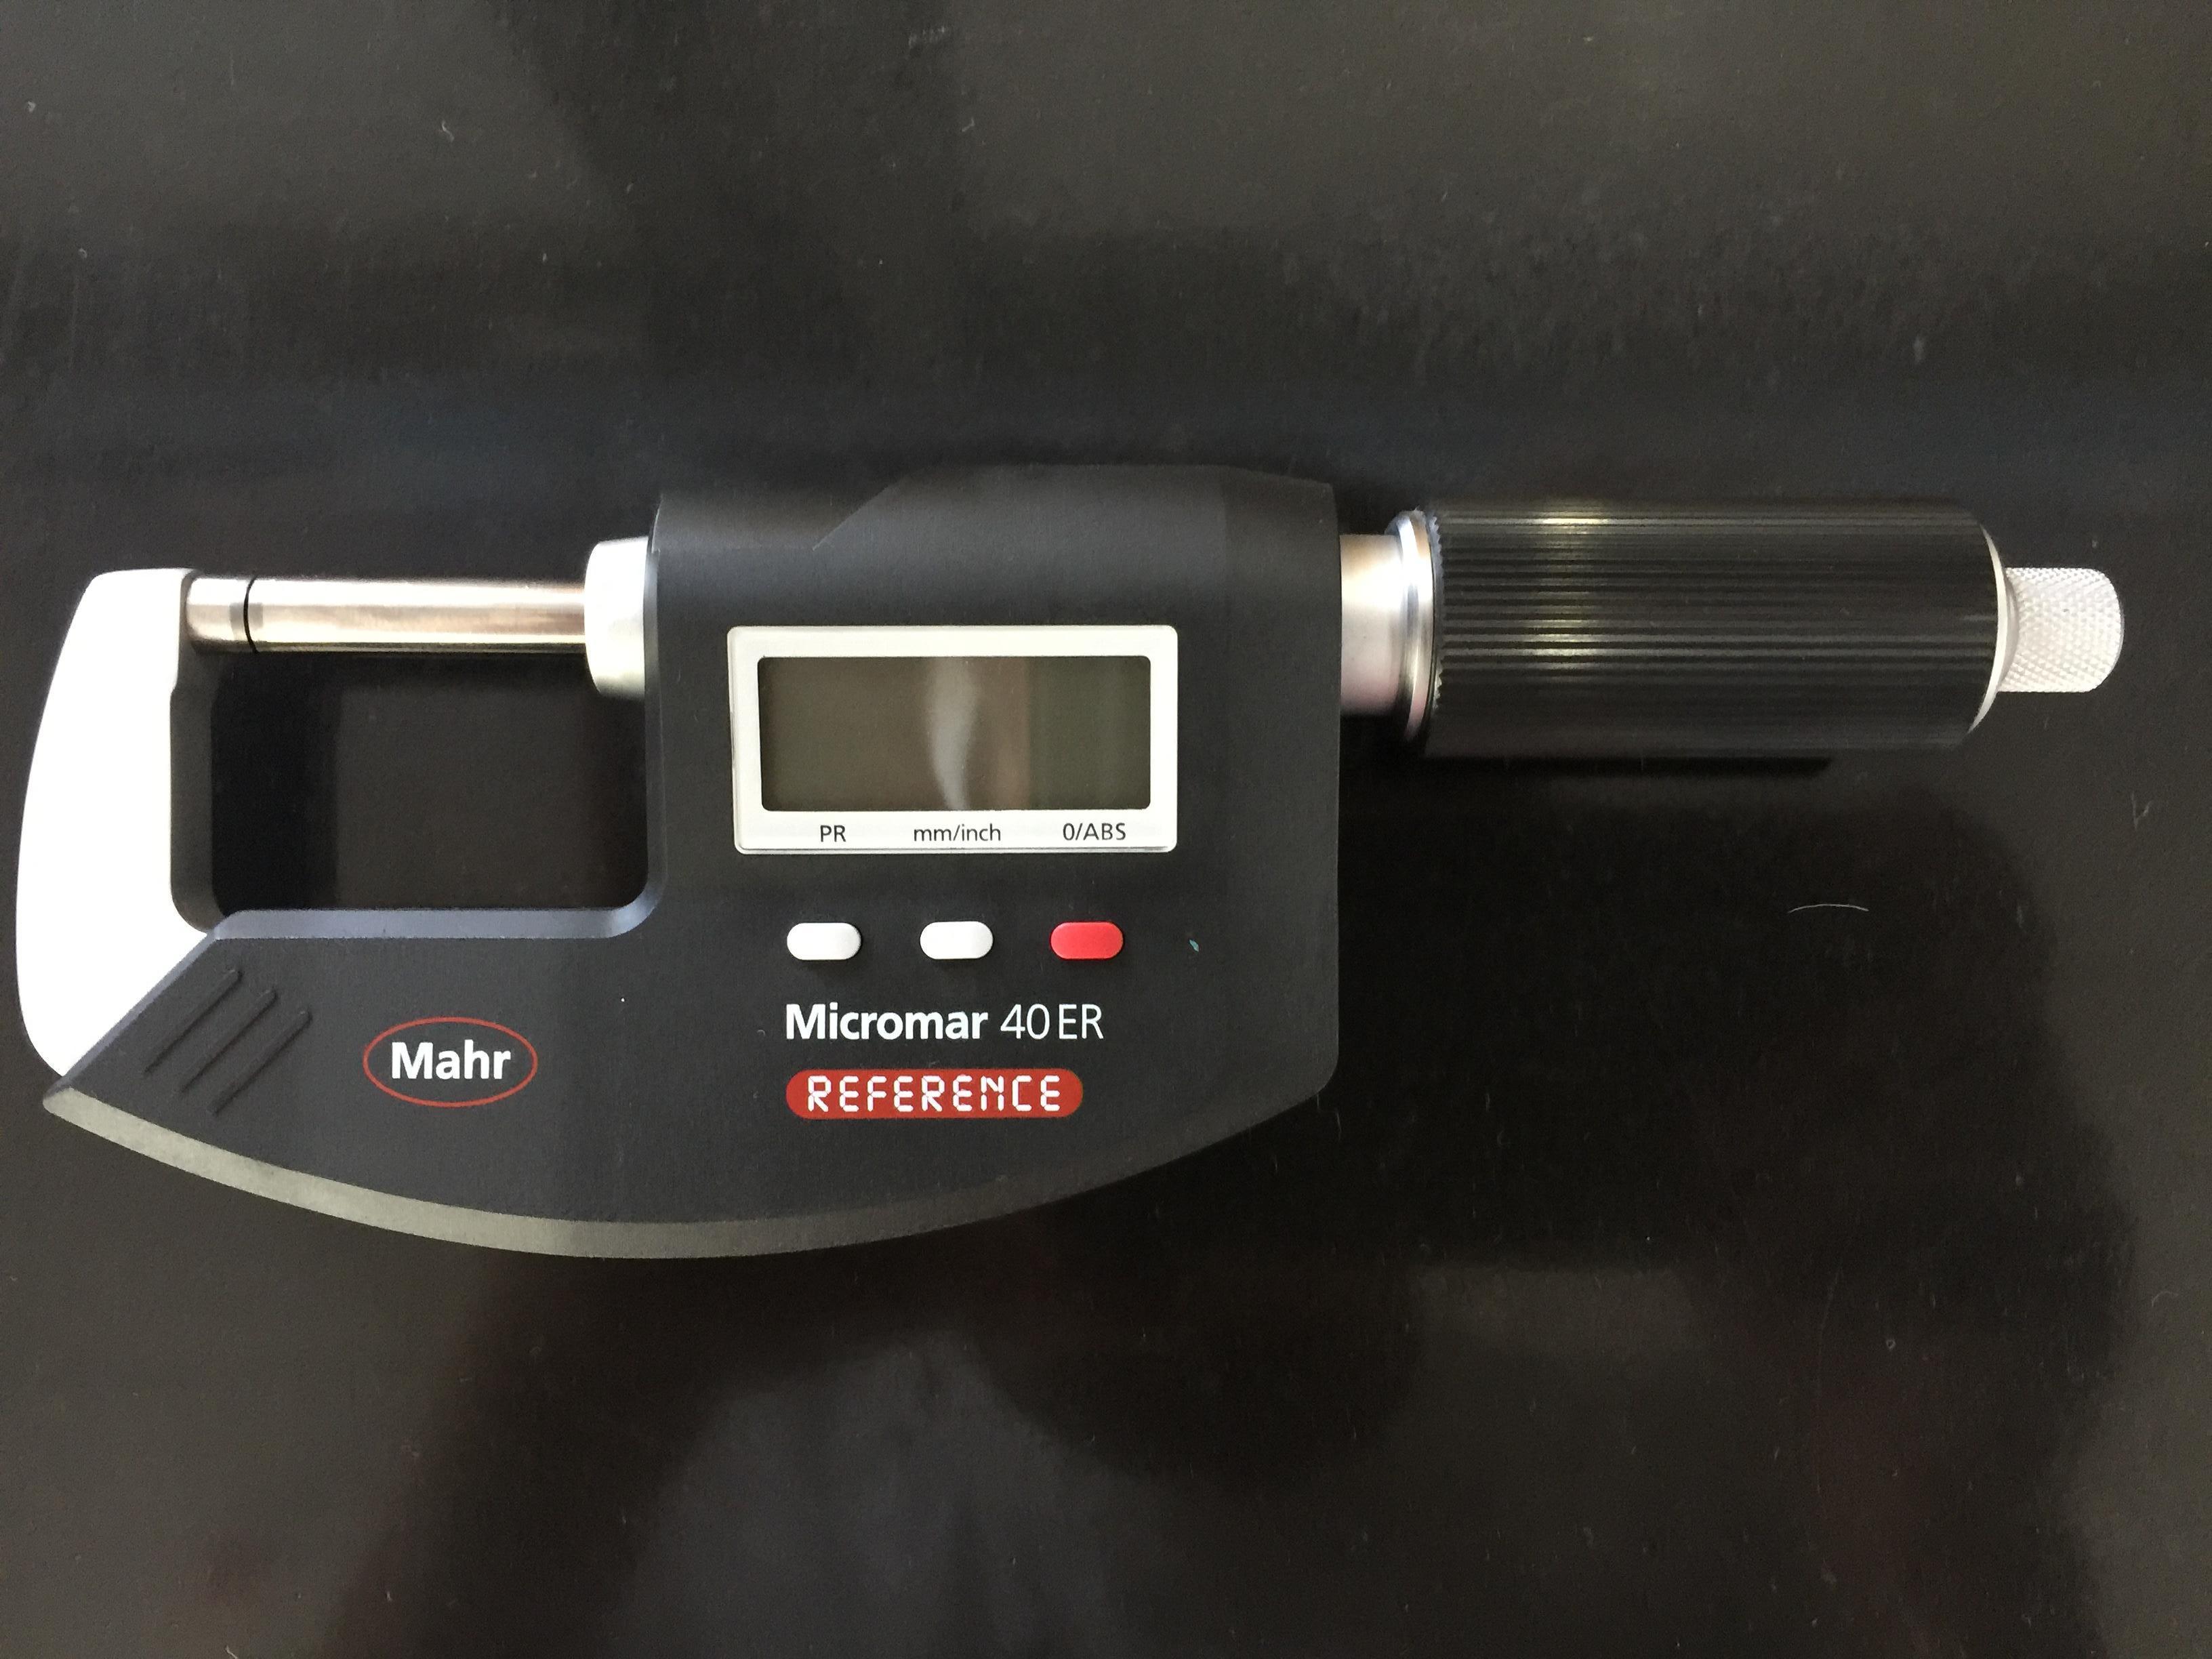 德国Mahr 数显千分尺 0-25mm数显千分尺 40ER 数显千分尺